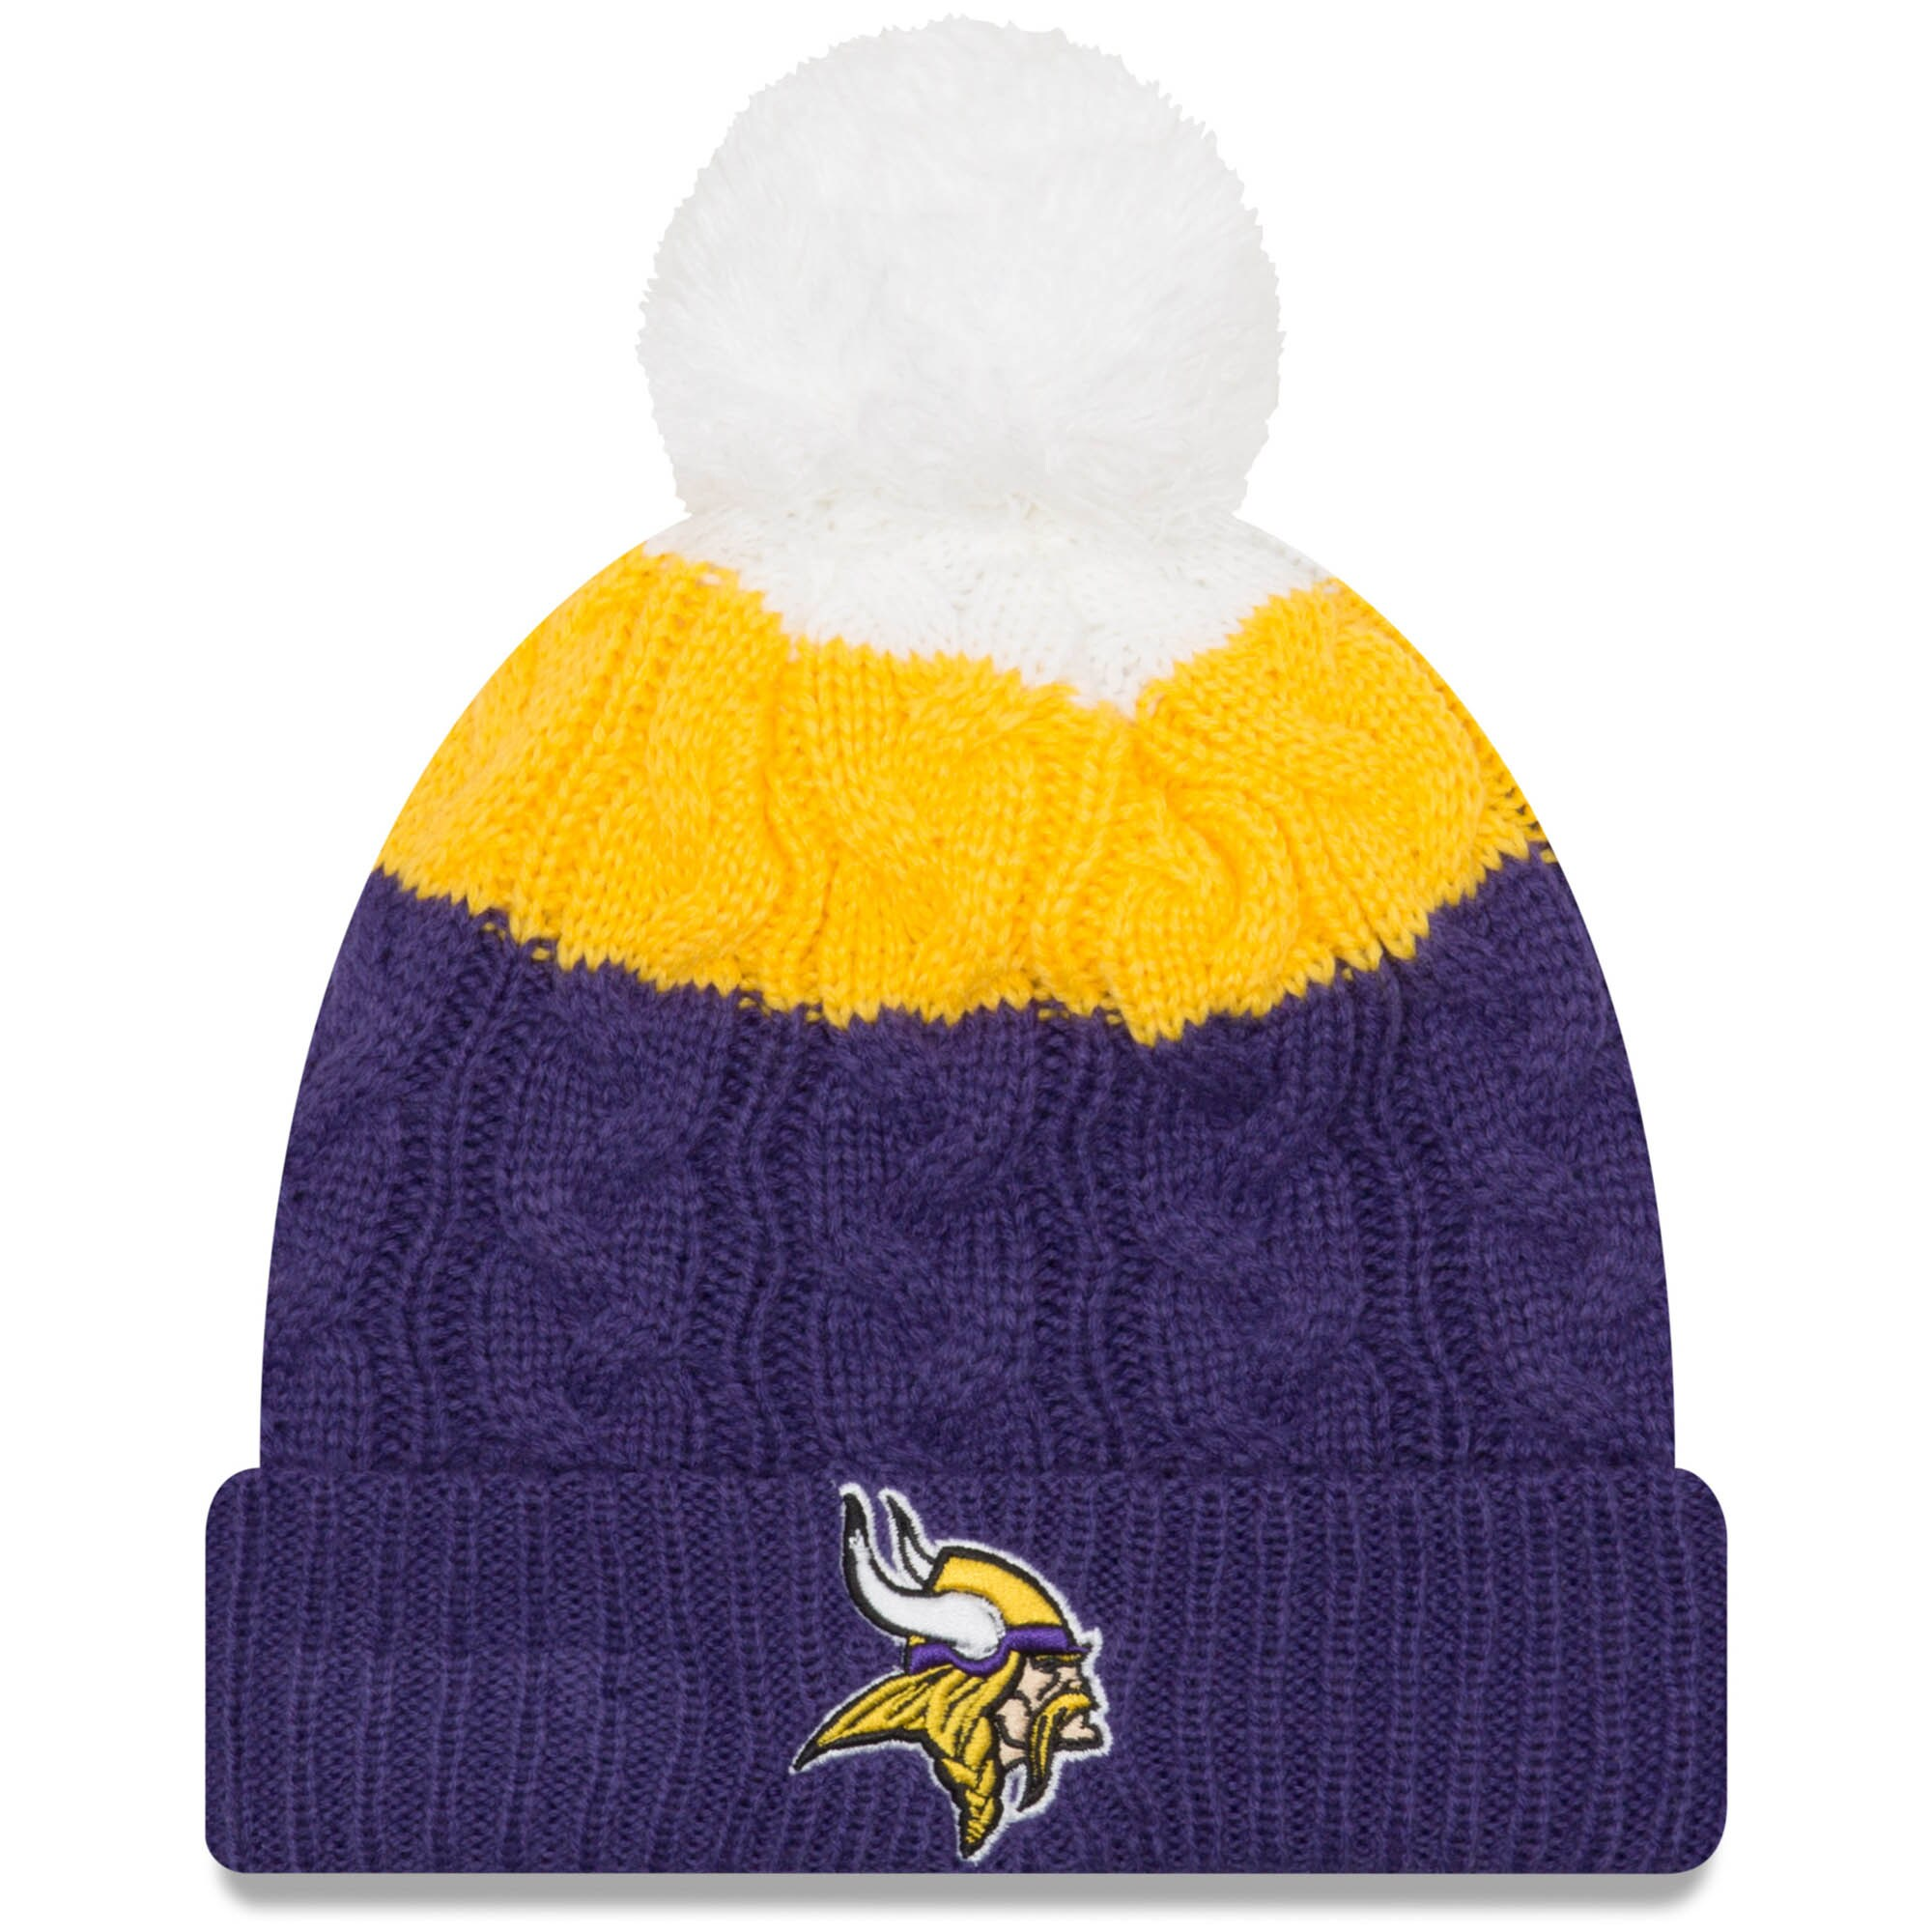 Minnesota Vikings New Era Women's Layered Up 2 Cuffed Knit Hat with Pom - White/Purple